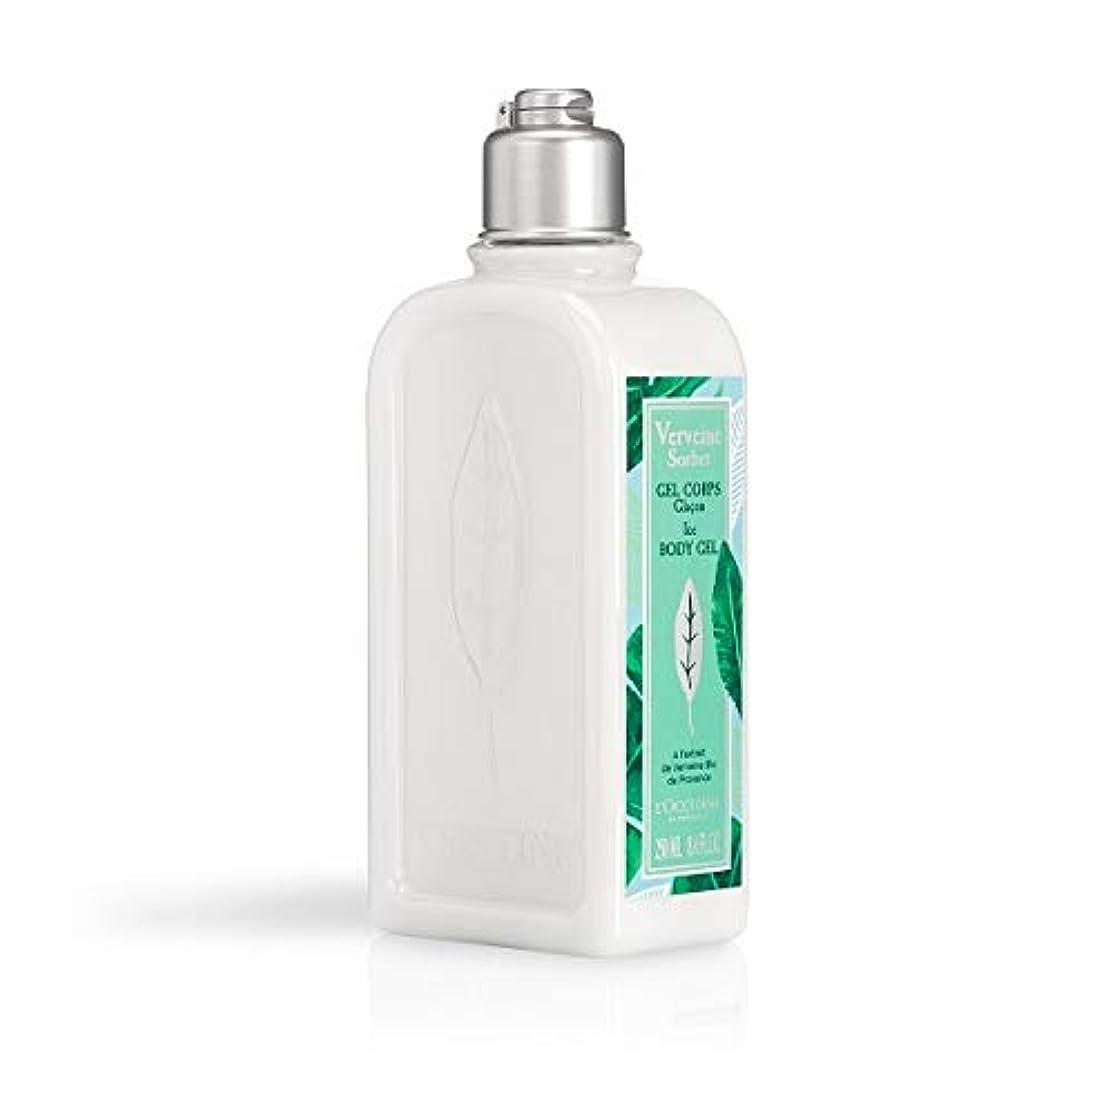 その後外観ウナギロクシタン(L'OCCITANE) ミントウ゛ァーベナ ソルベボディジェル 250ml(ボディ用乳液)